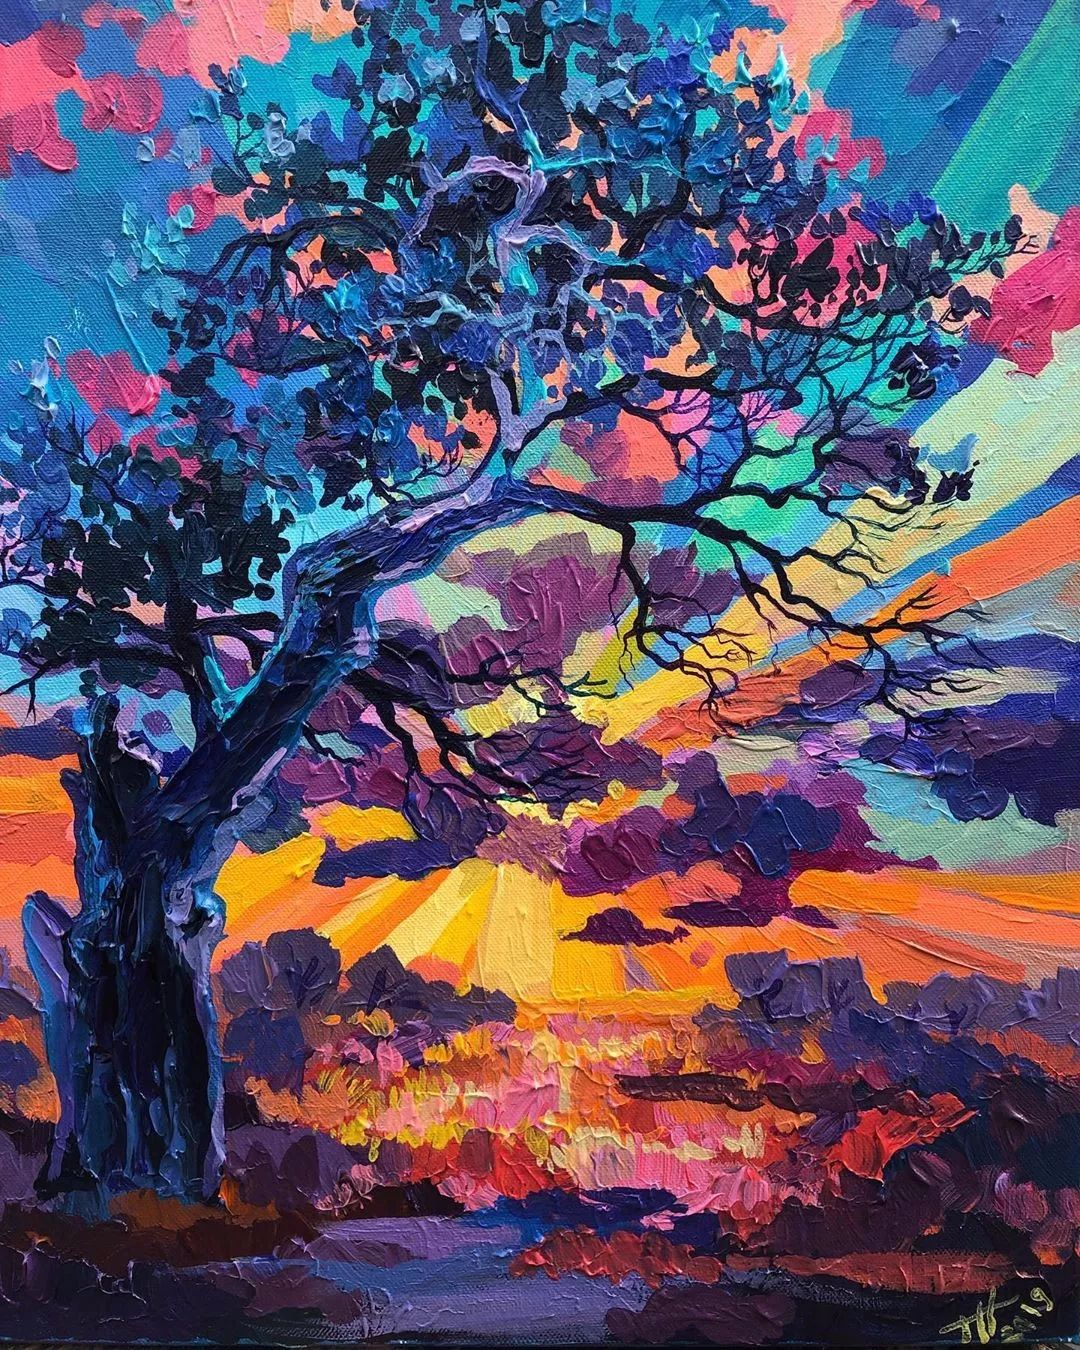 厚重的浪漫色彩,蕴藏着一种令人激越的魅力,美到让人移不开眼!插图9